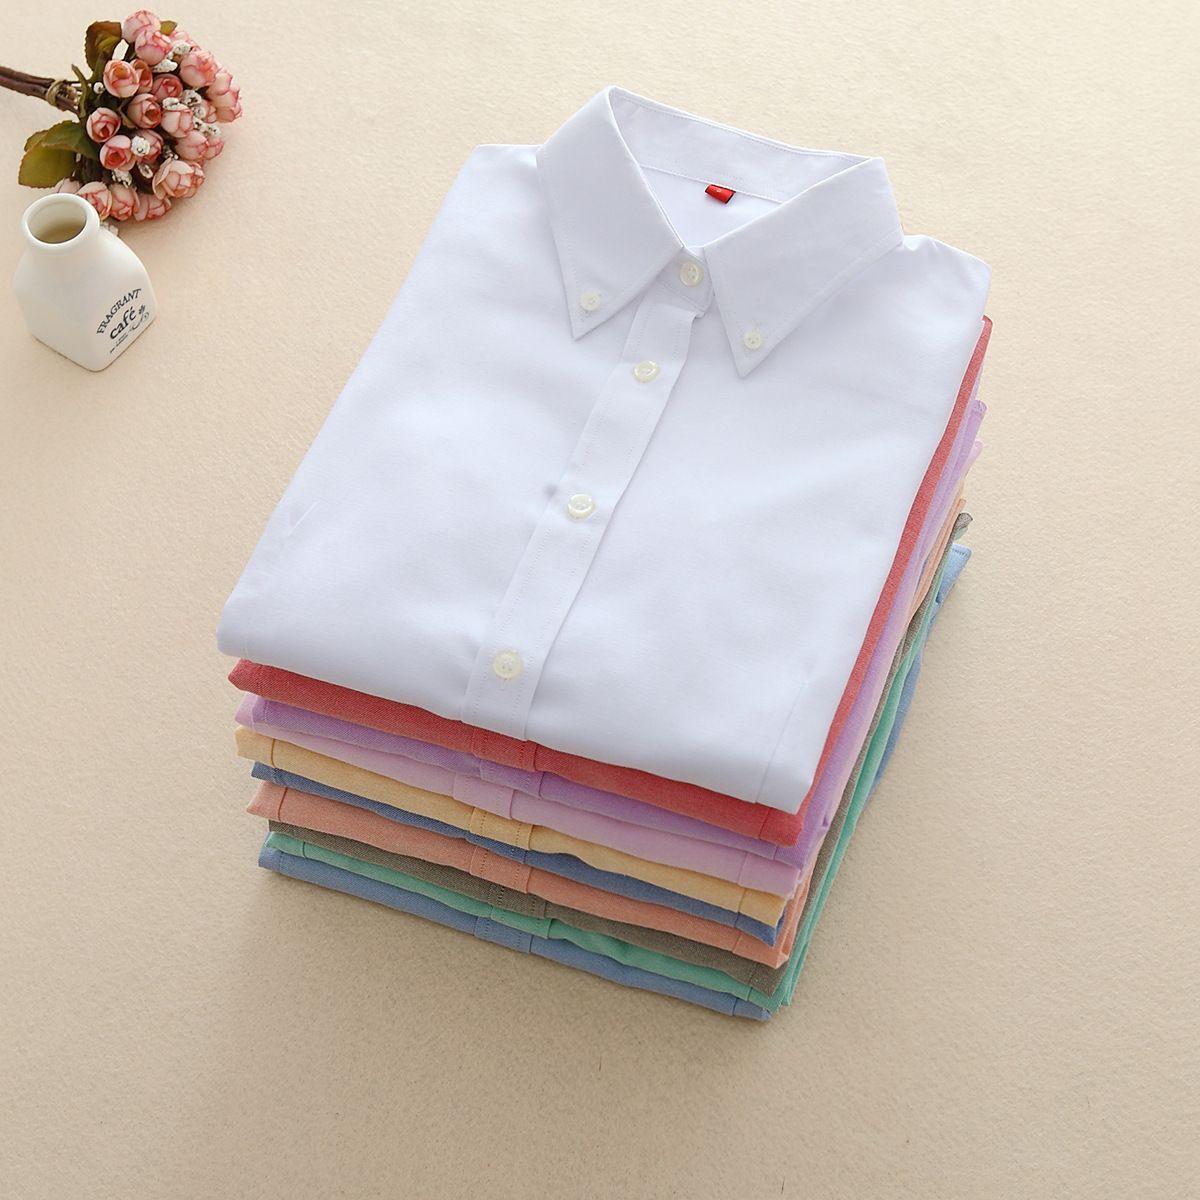 FEKEHA chemisiers pour femmes 2019 à manches longues Oxford Dames hauts Bureau à manches longues Chemises Femmes Étudiant Blusas Camisas Mujer